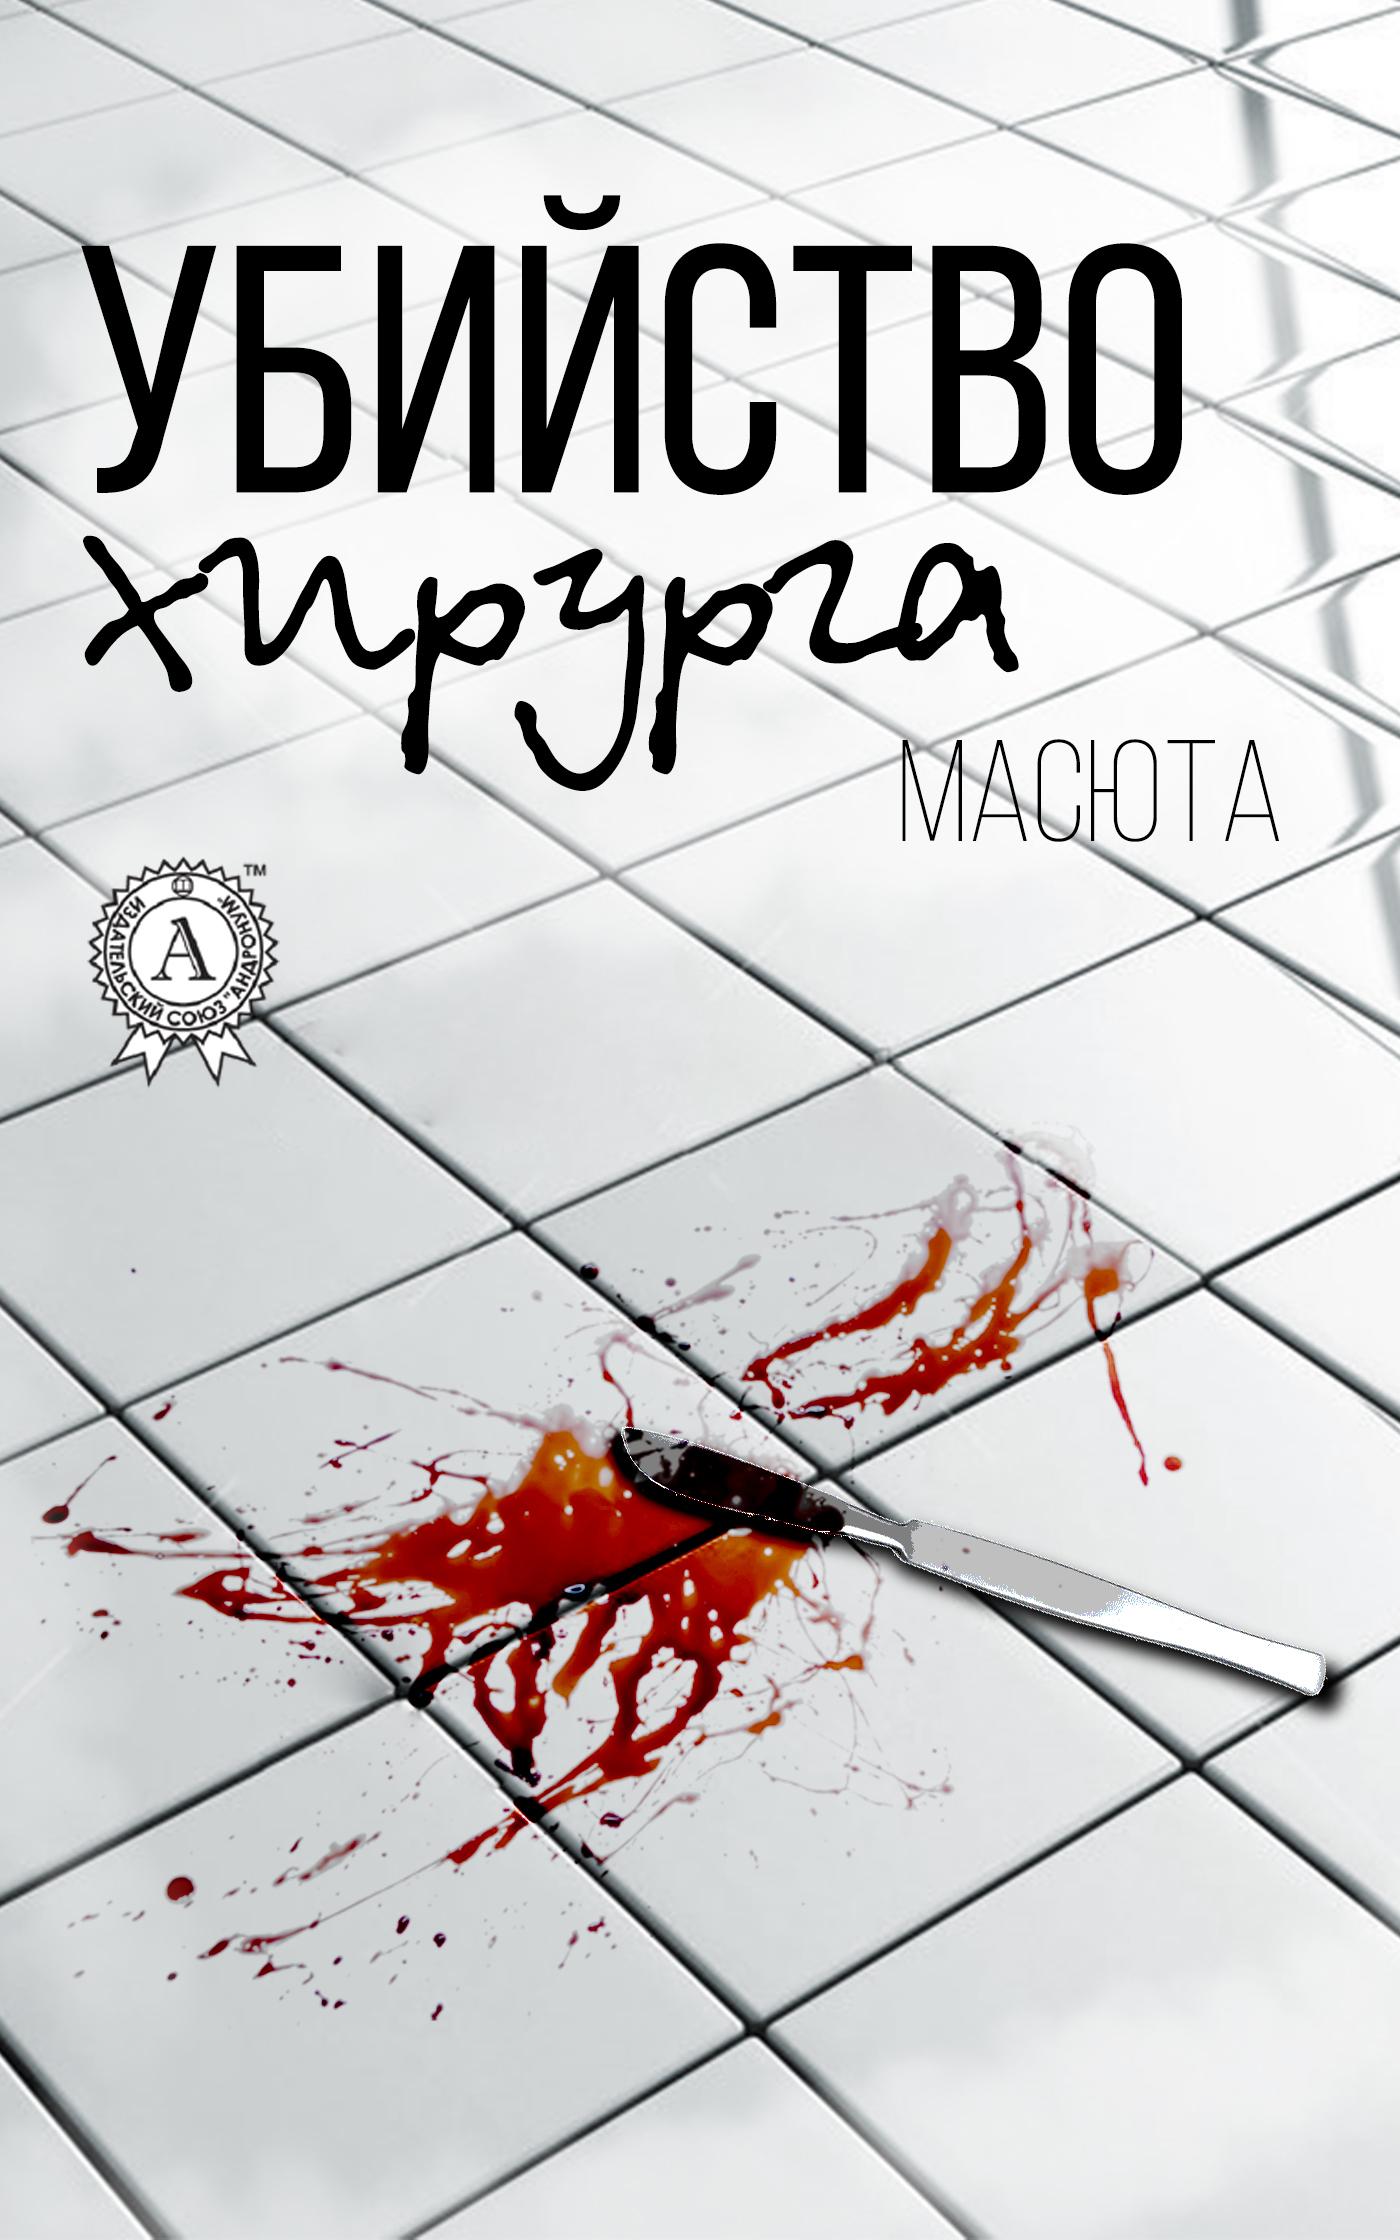 купить Масюта Убийство хирурга по цене 99.9 рублей